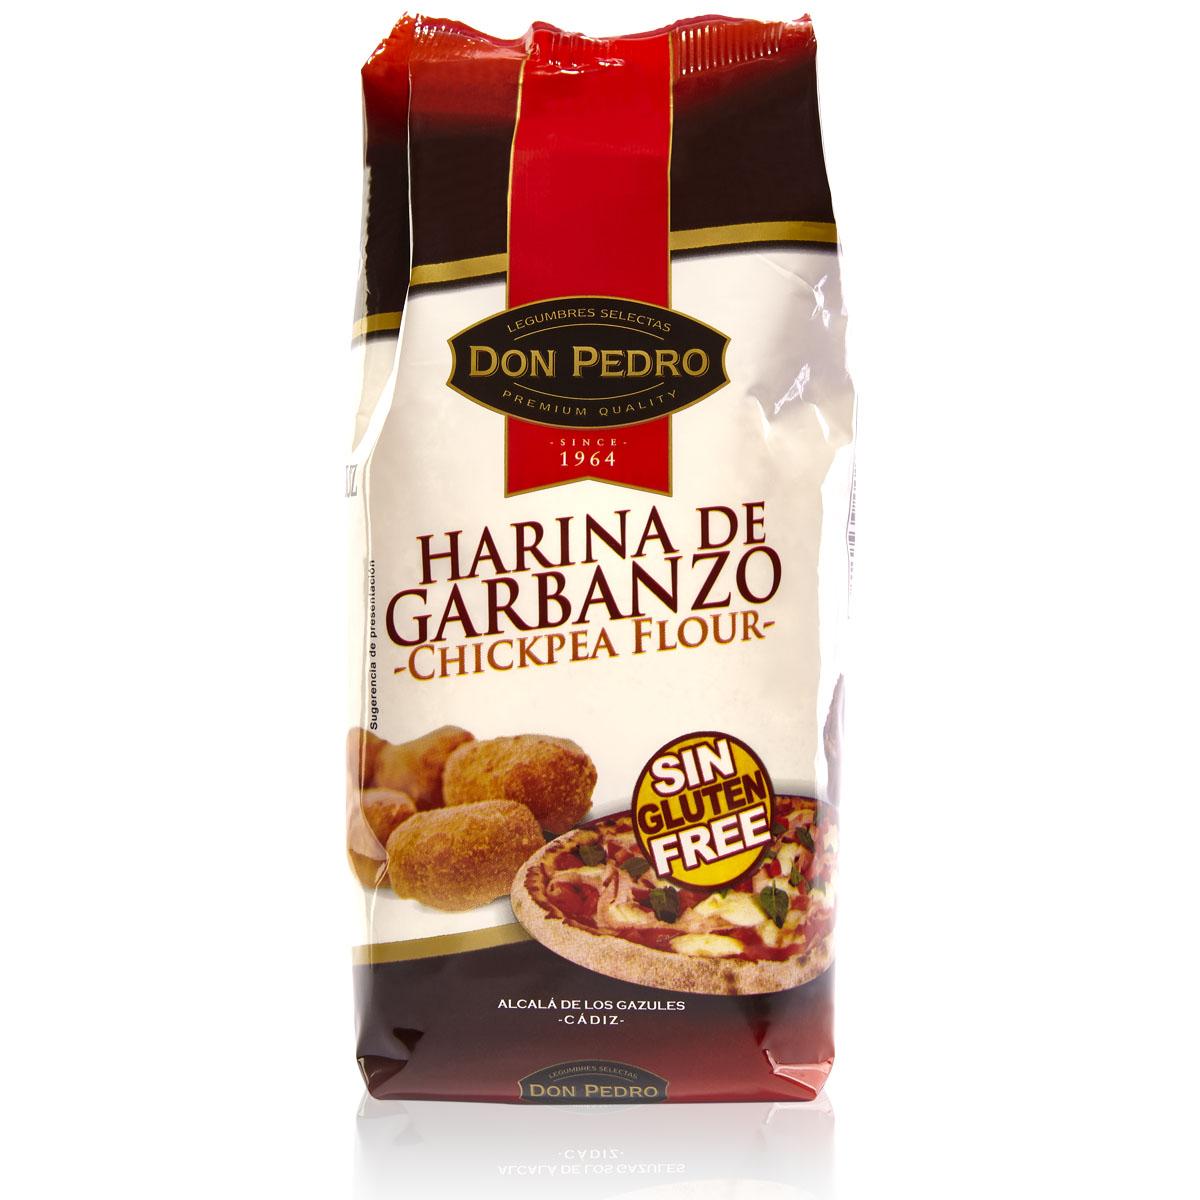 Don Pedro Harina de garbanzos, 400g